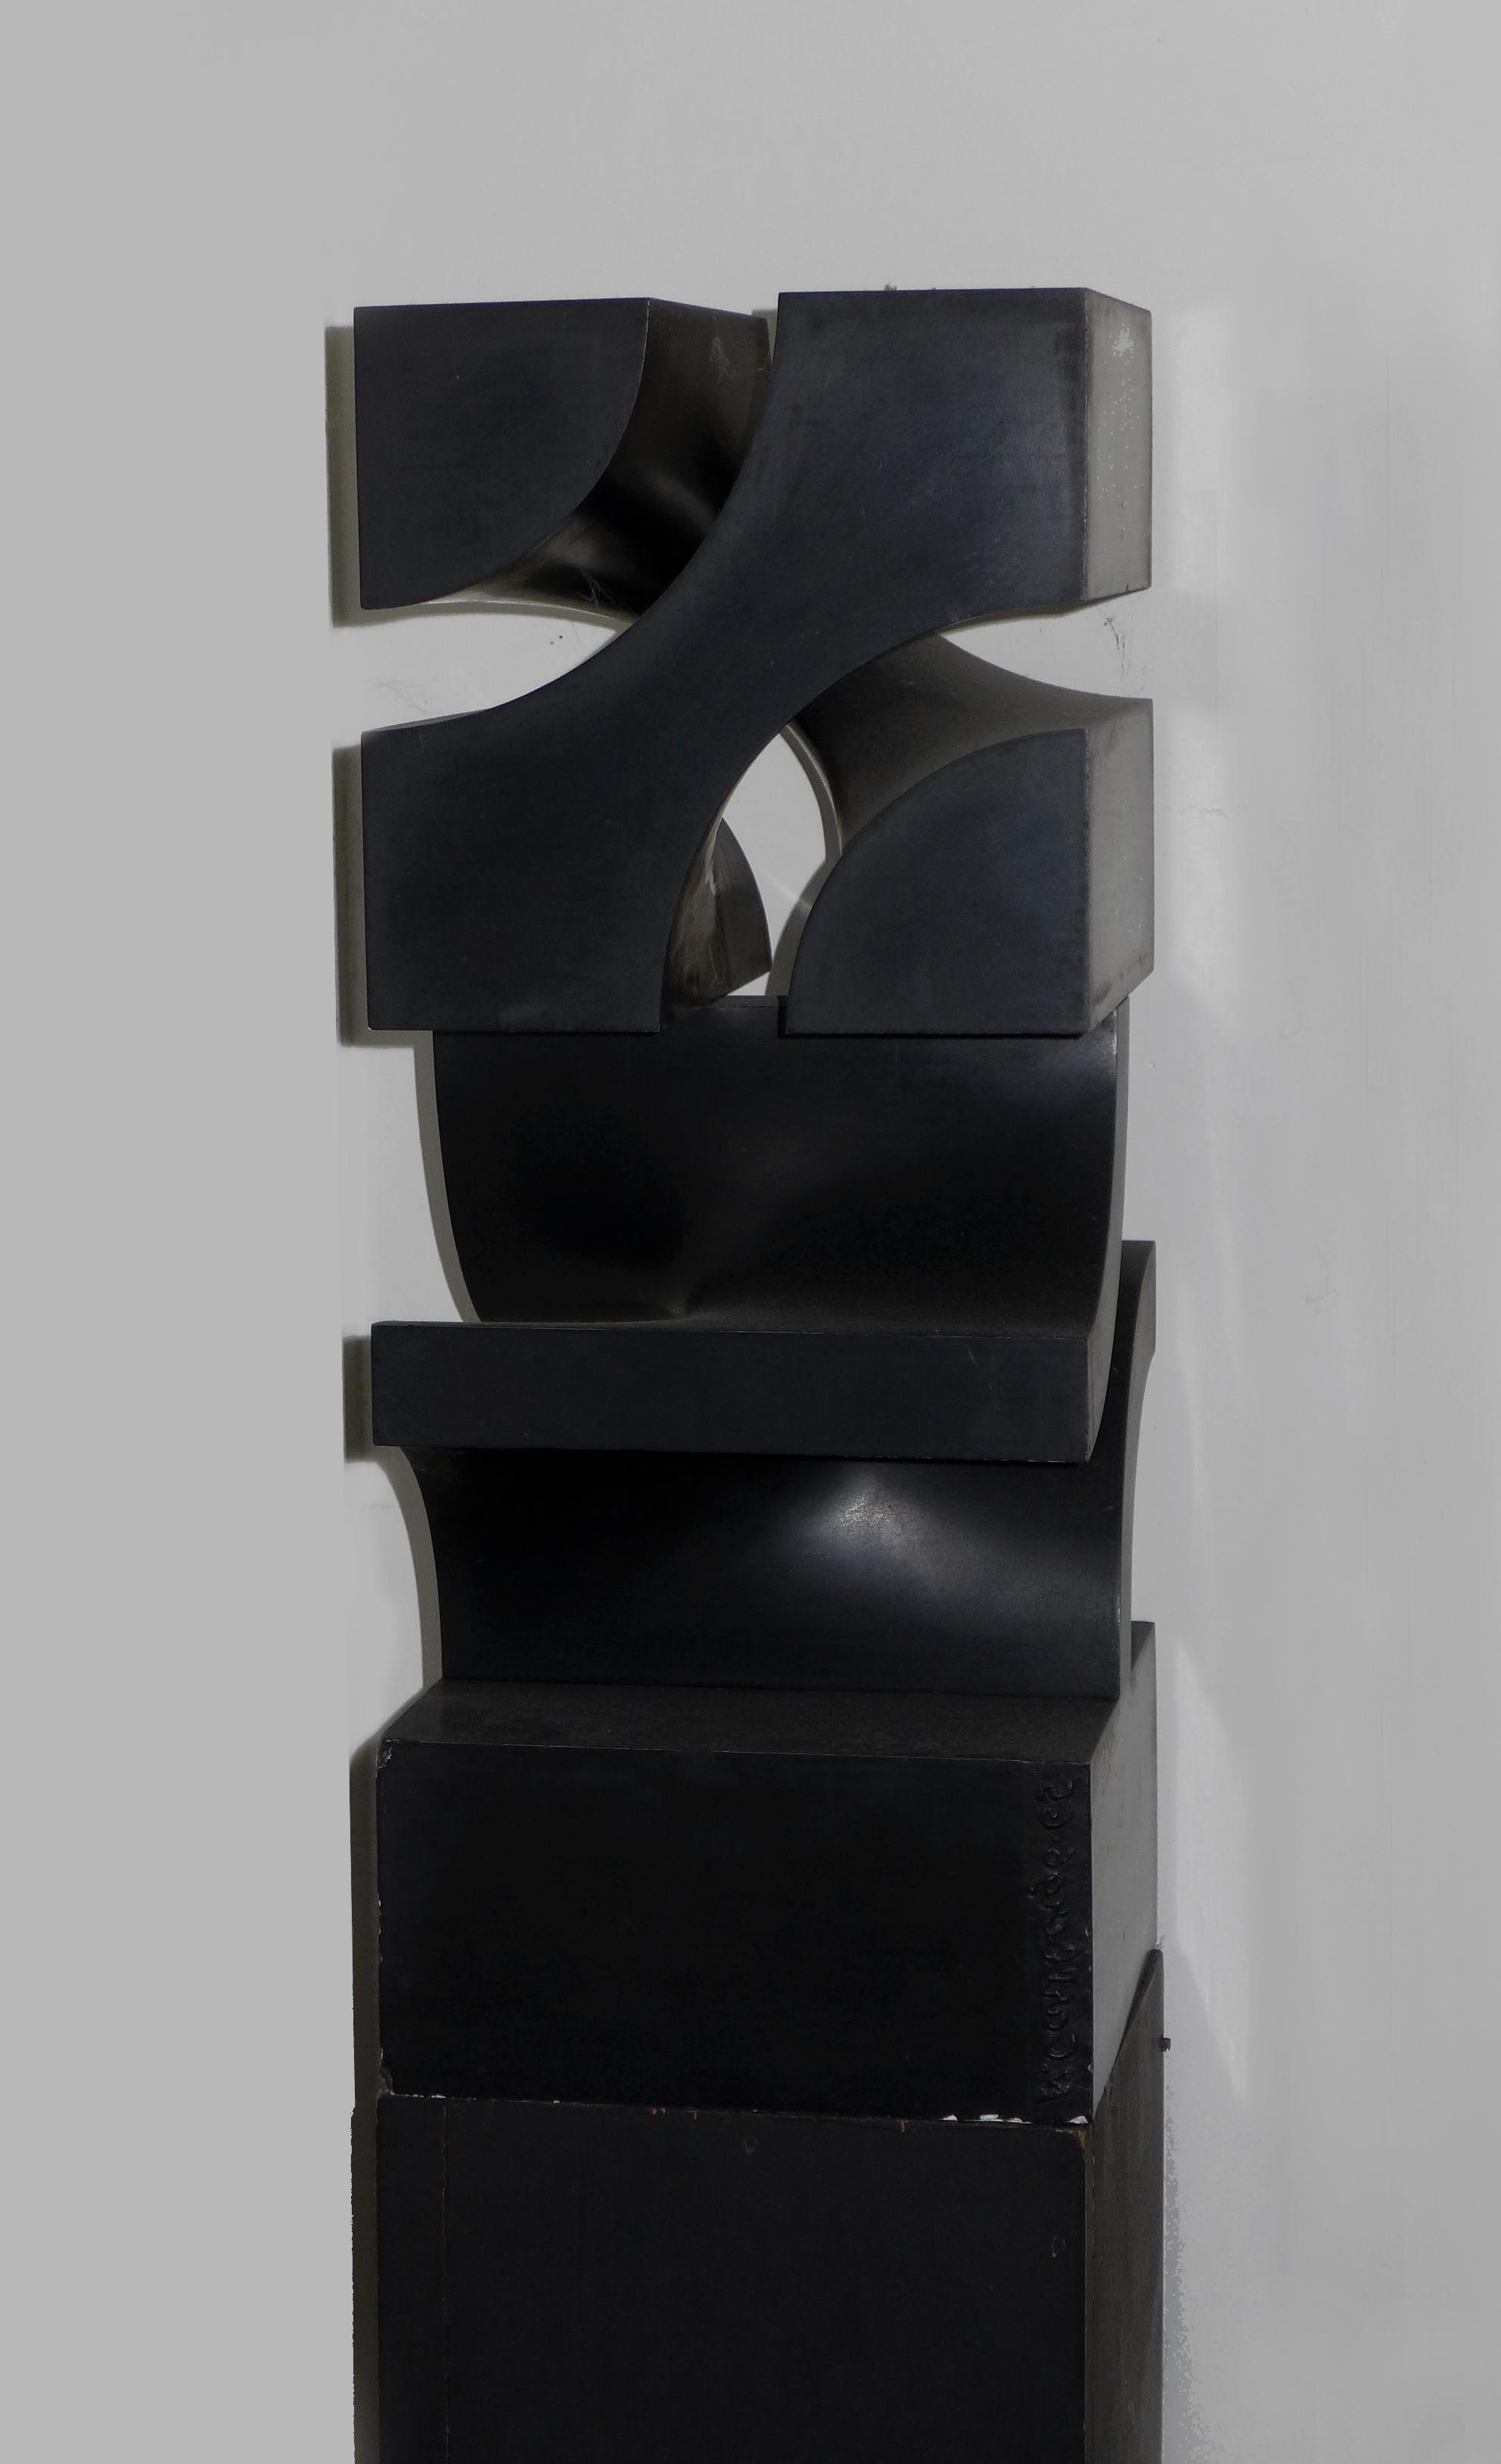 Norman Carlberg, Untitled, 1960, cast metal, 24x10x10